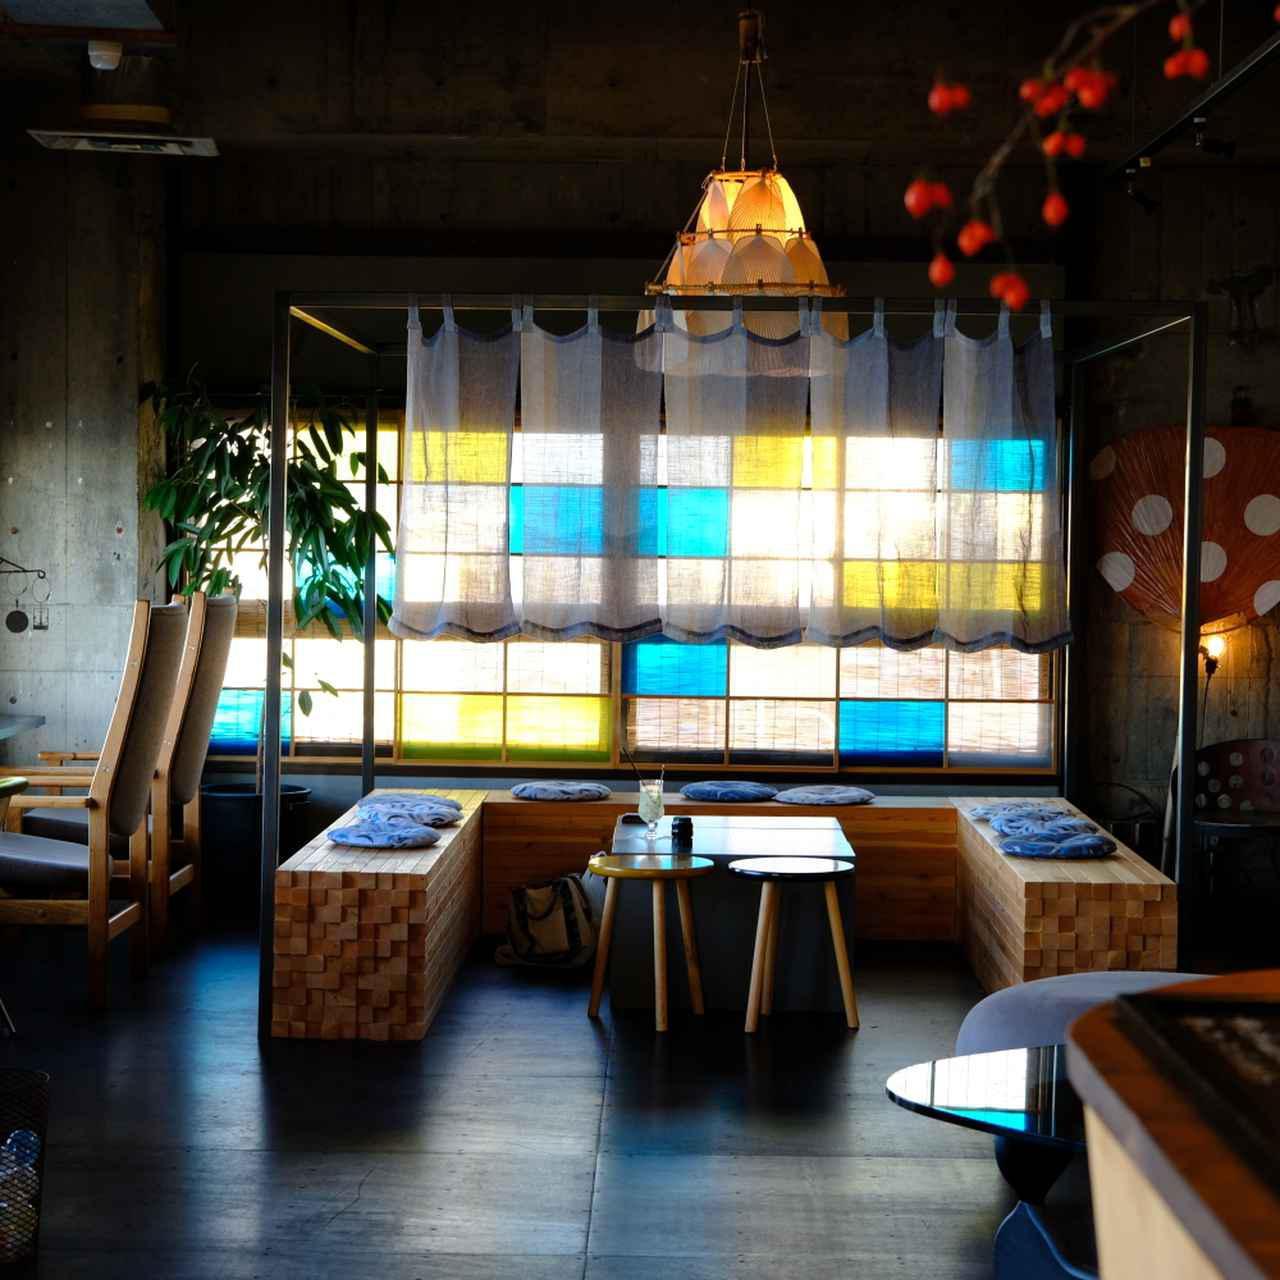 画像: 暖簾がかかったひときわ特別感のある一角は「茶室」をイメージして作られた空間。